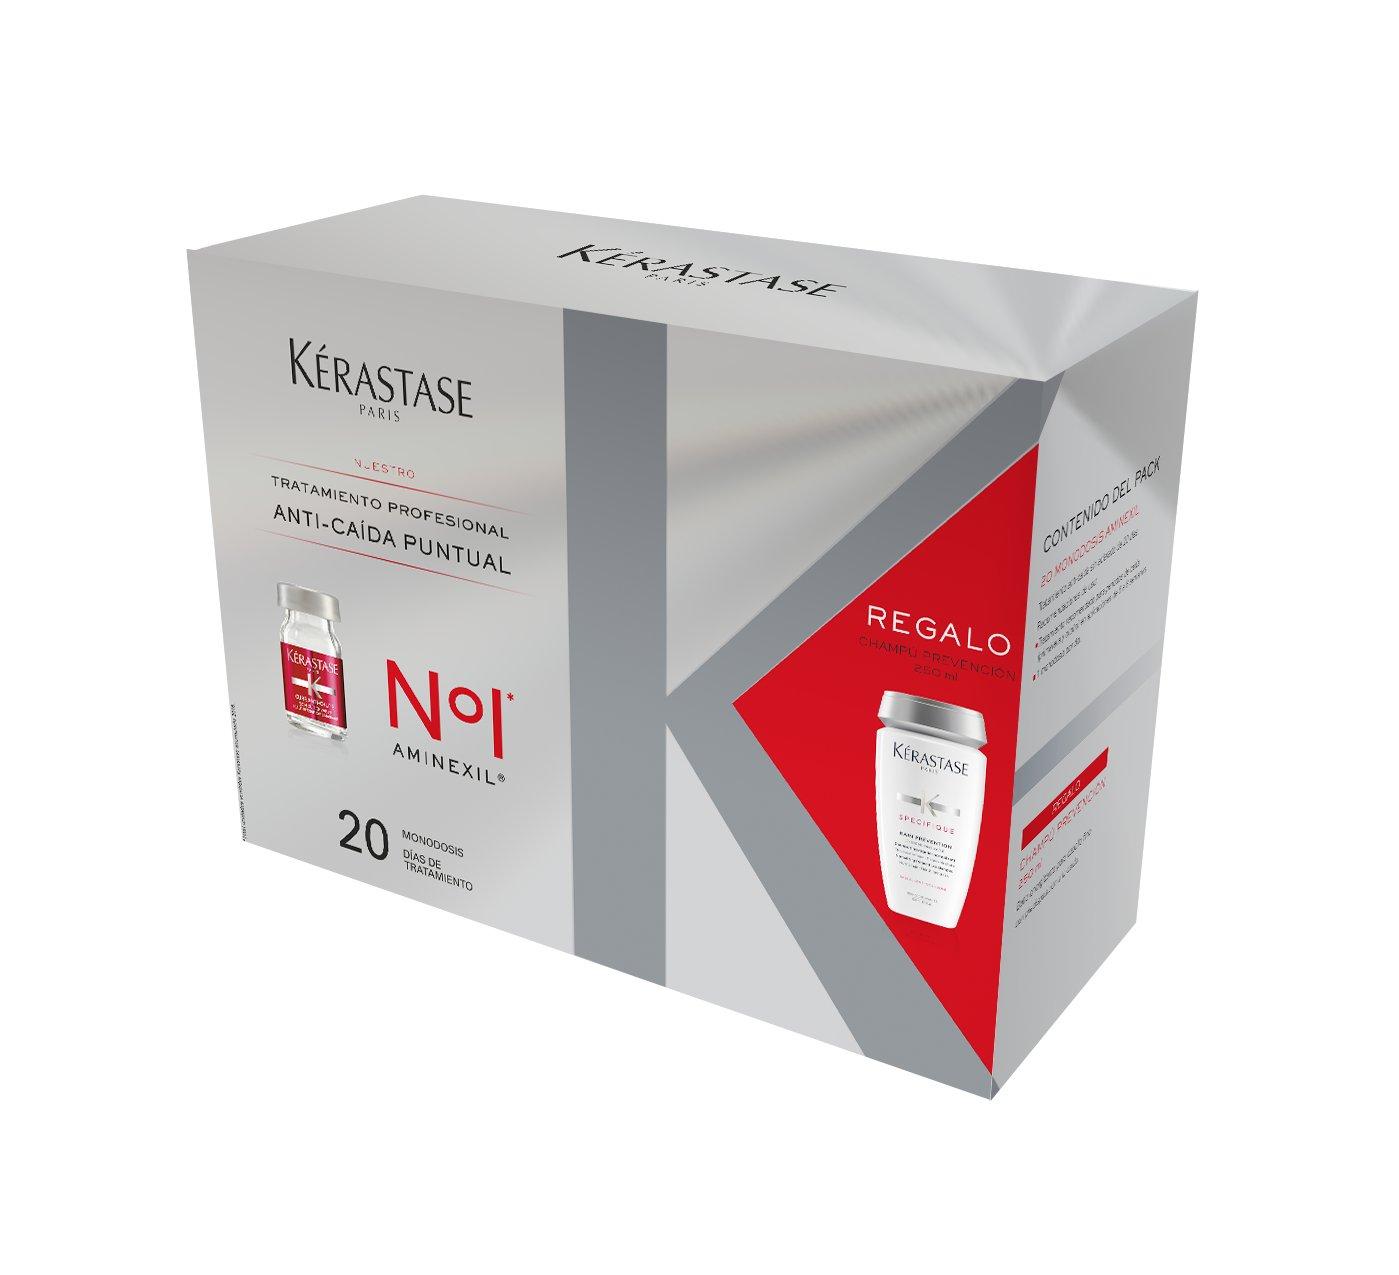 Kérastase, Regalo para el cuidado de la piel - 1 pack: Amazon.es: Belleza